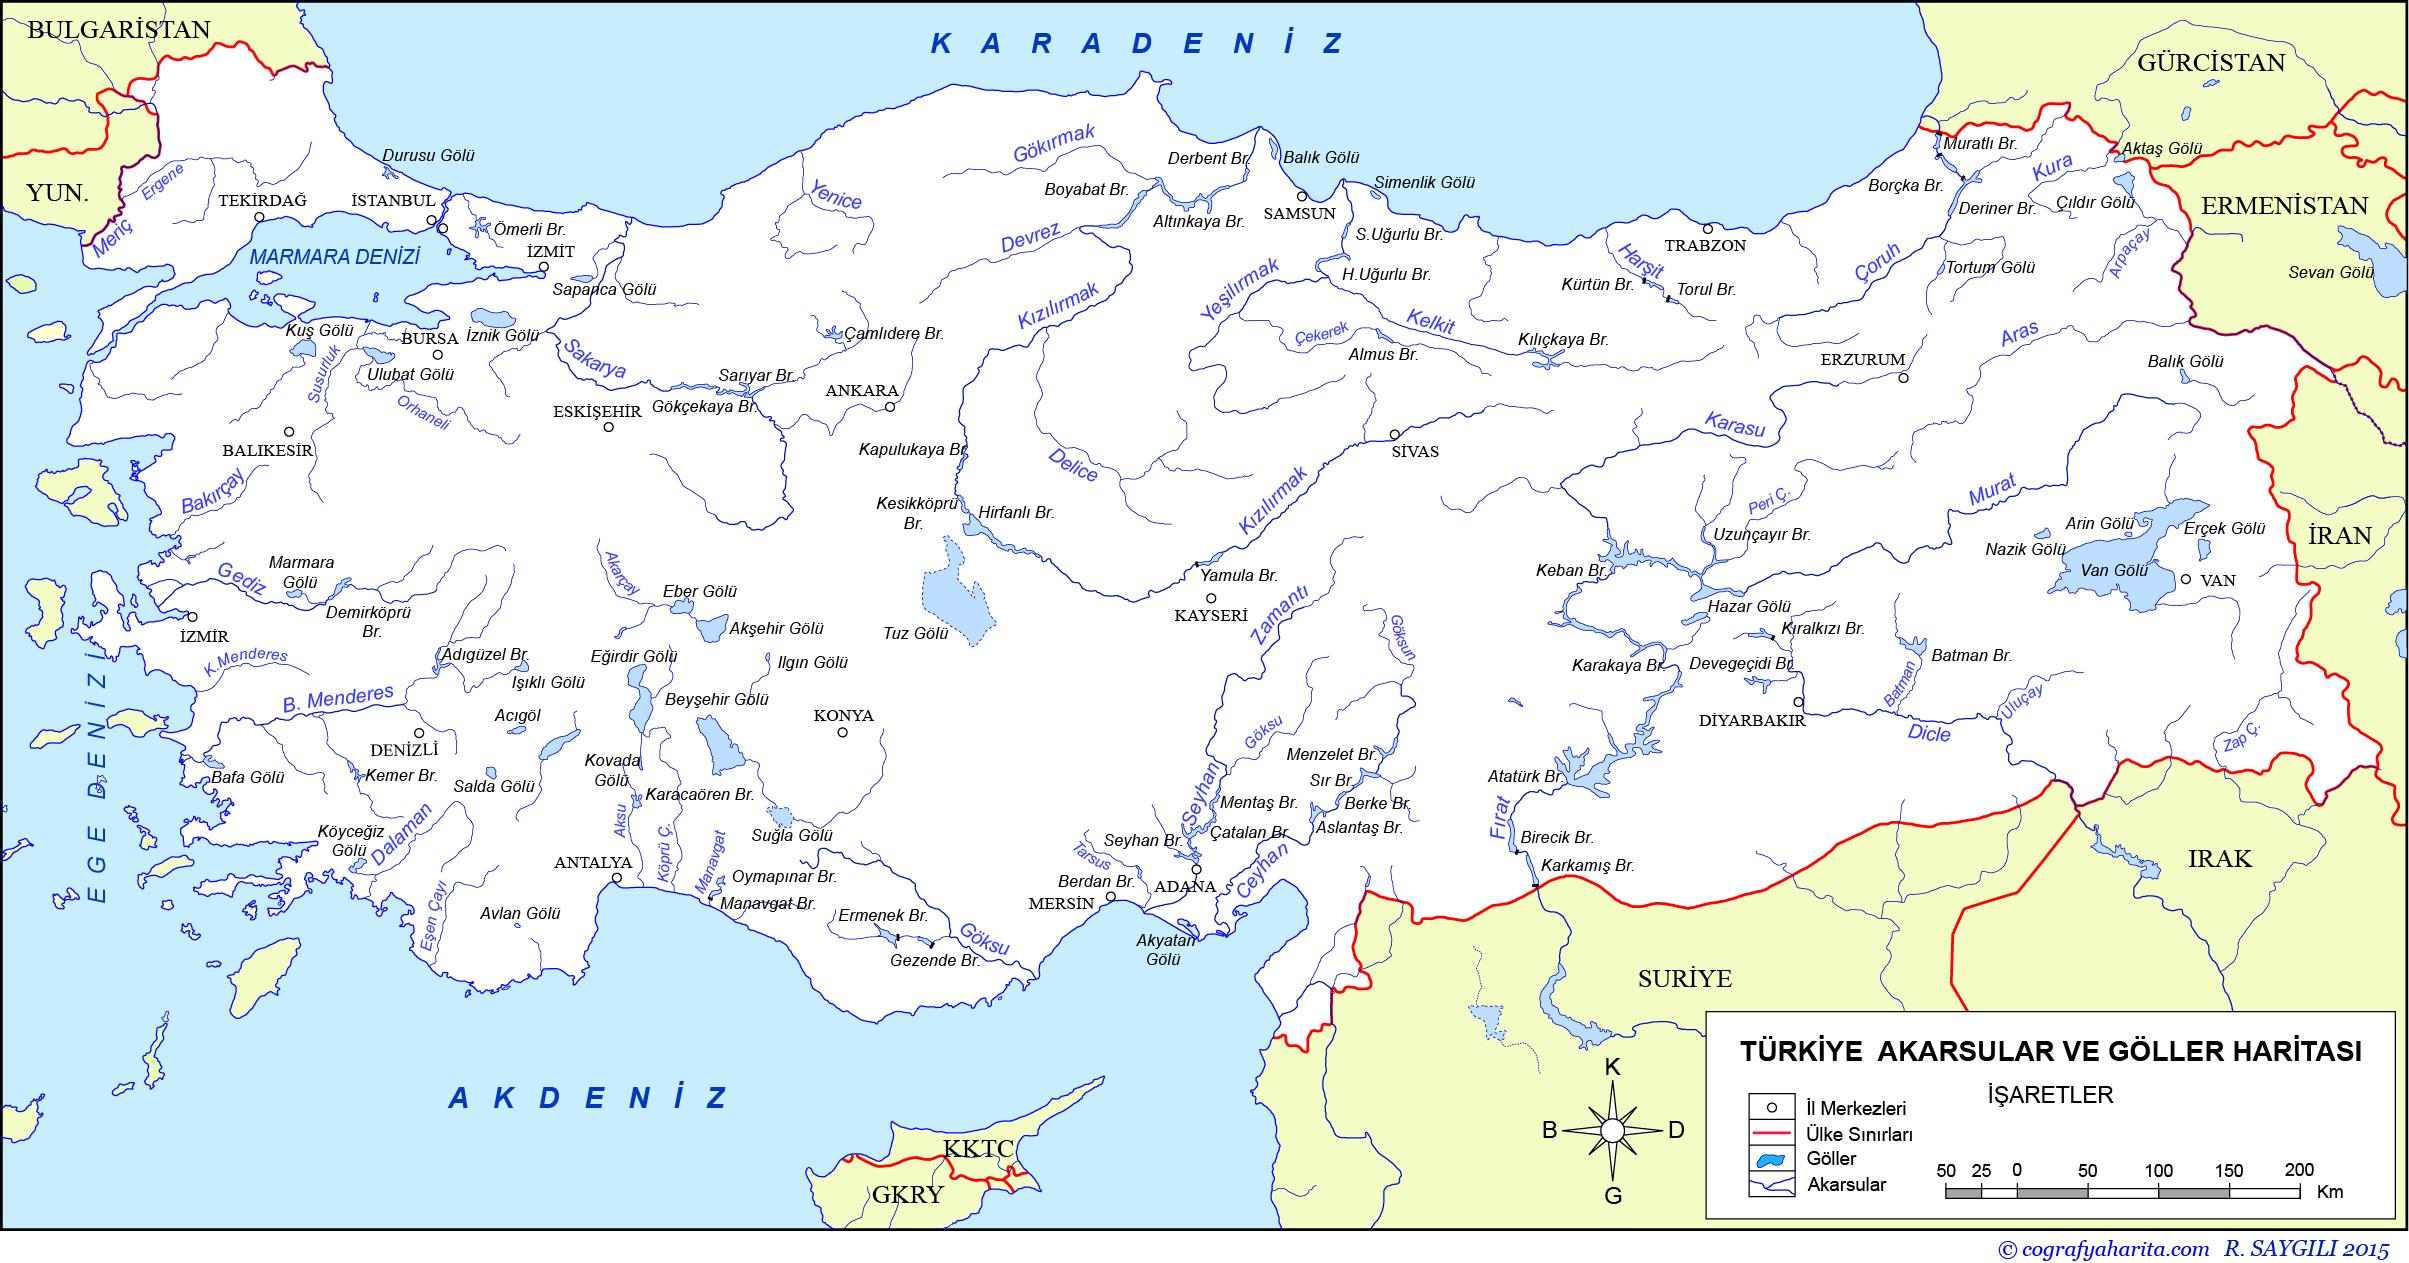 Türkiye'deki Akarsular